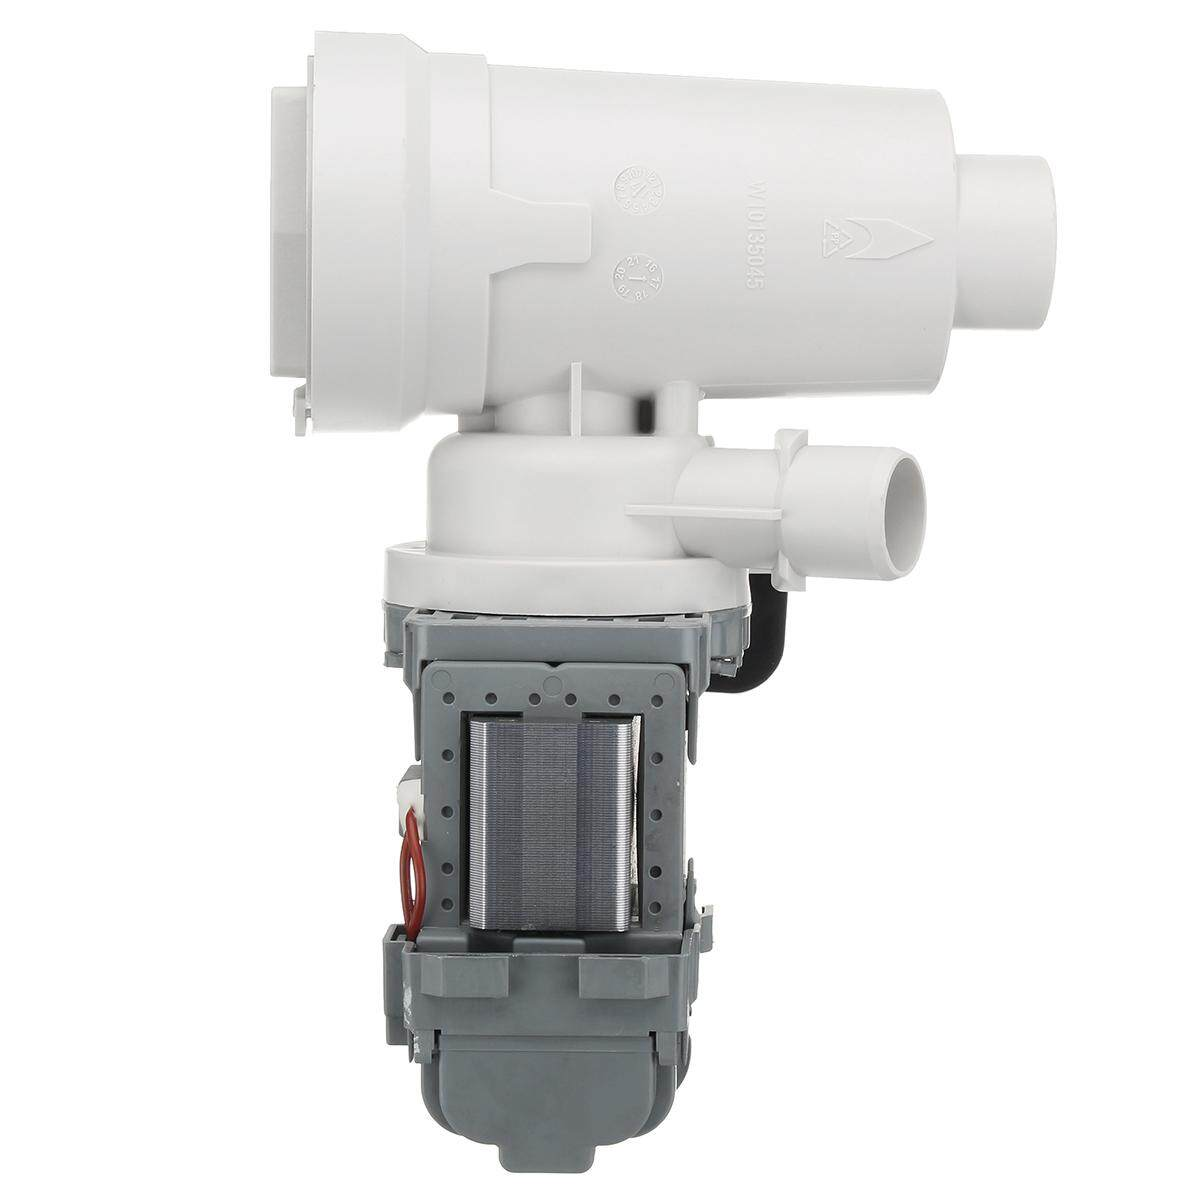 Untuk Baru Kenmore Whirlpool Pembasuh Menguras Air Pompa W10730972 8540024 W10130913-Internasional